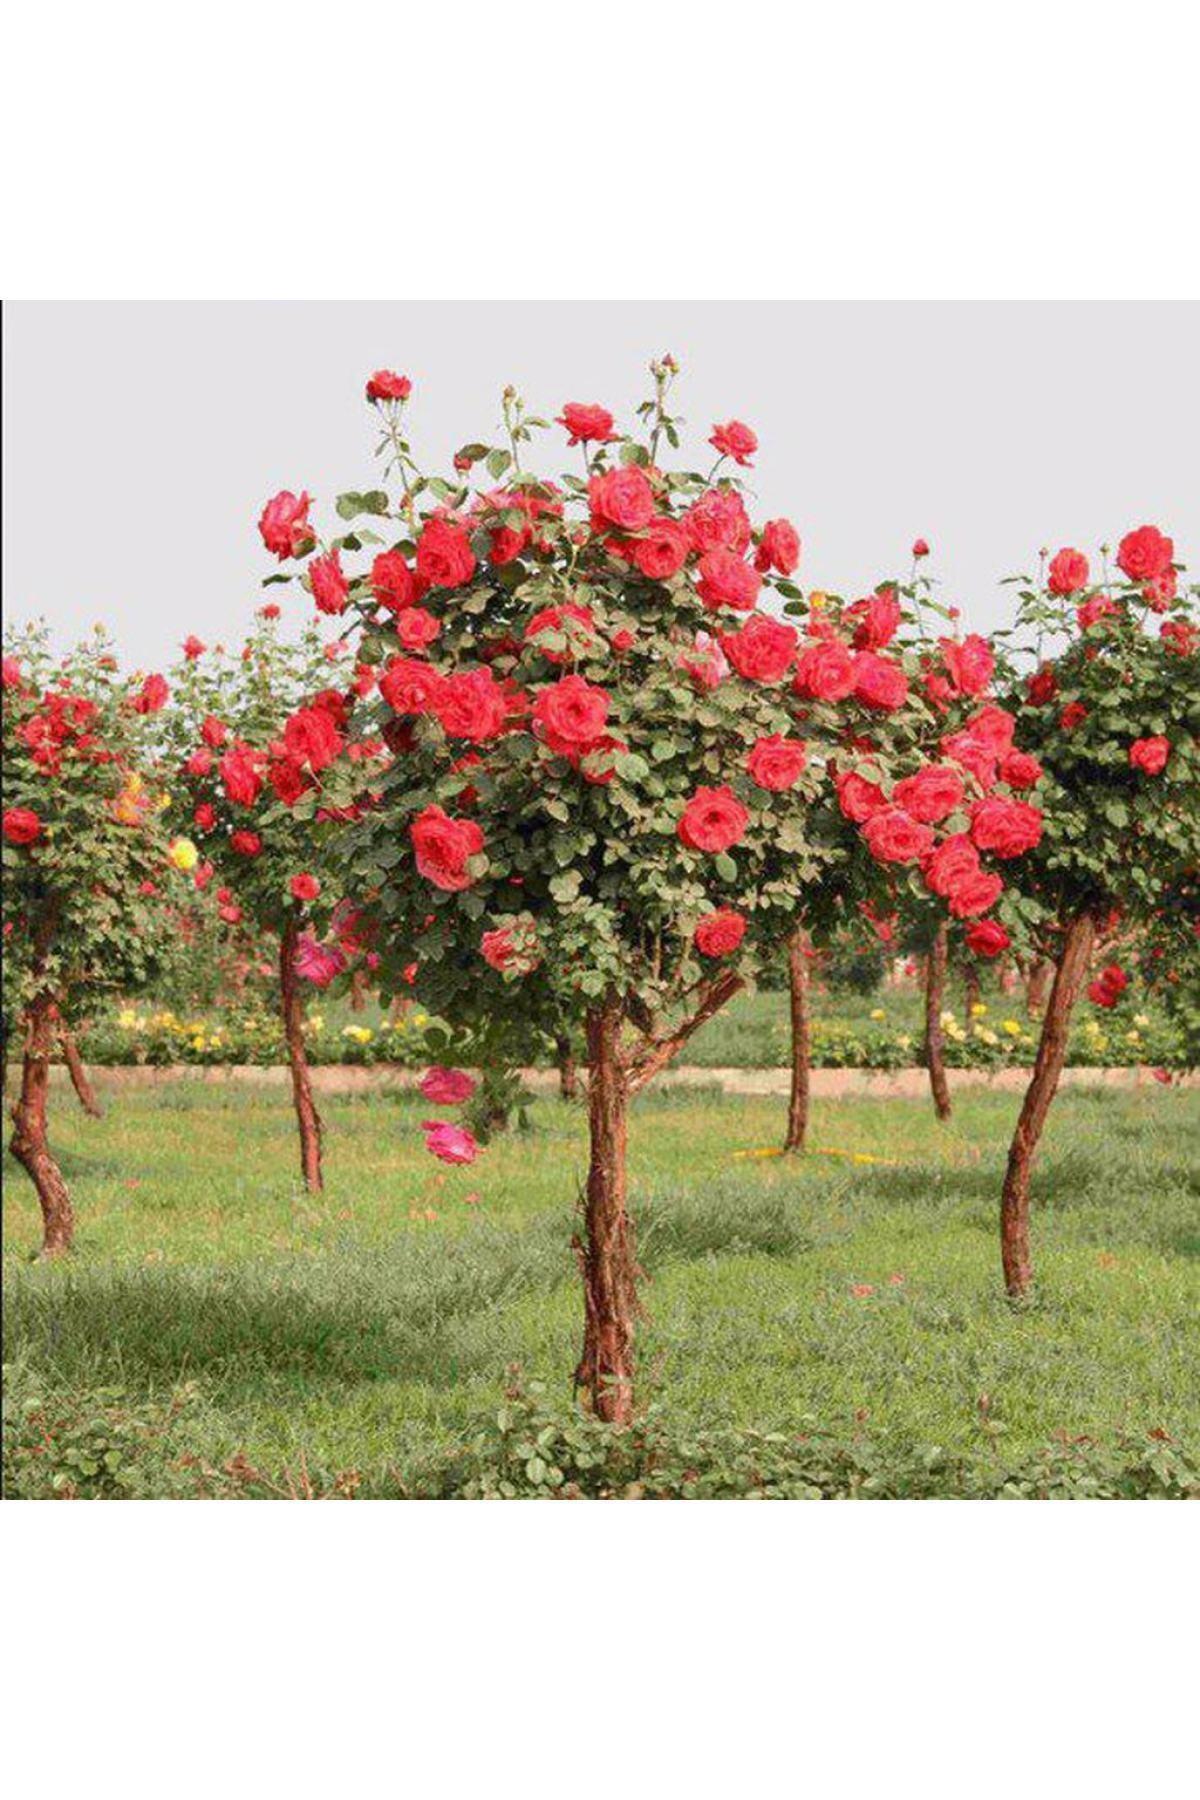 Tohum Dünyam 5 Adet Bodur Kırmızı Gül Ağacı Tohumu 1